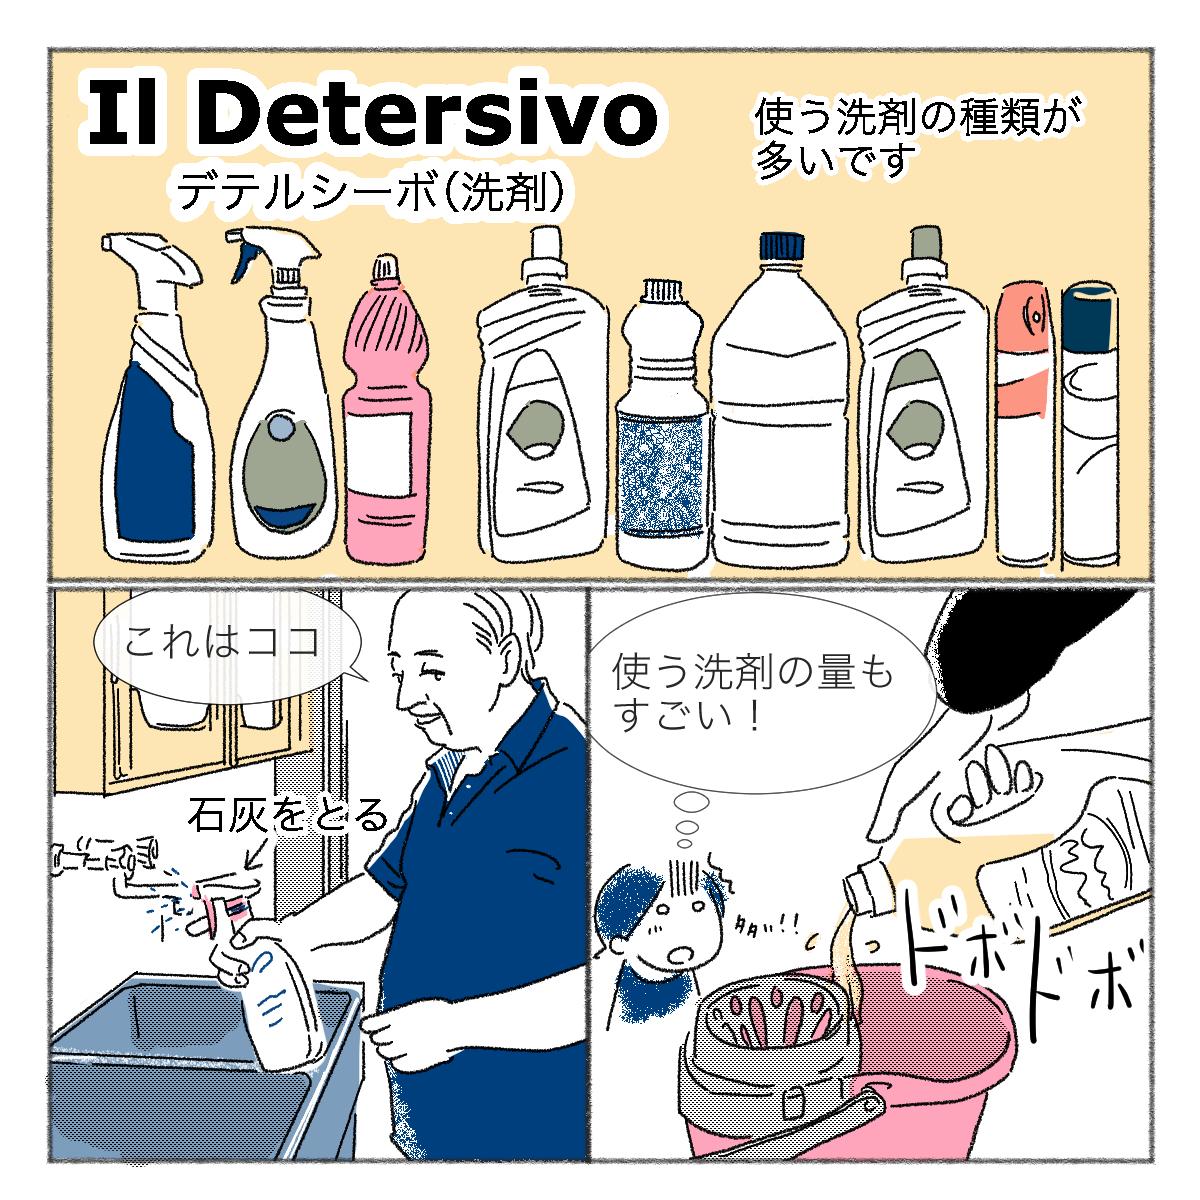 イタリア人の自宅の掃除